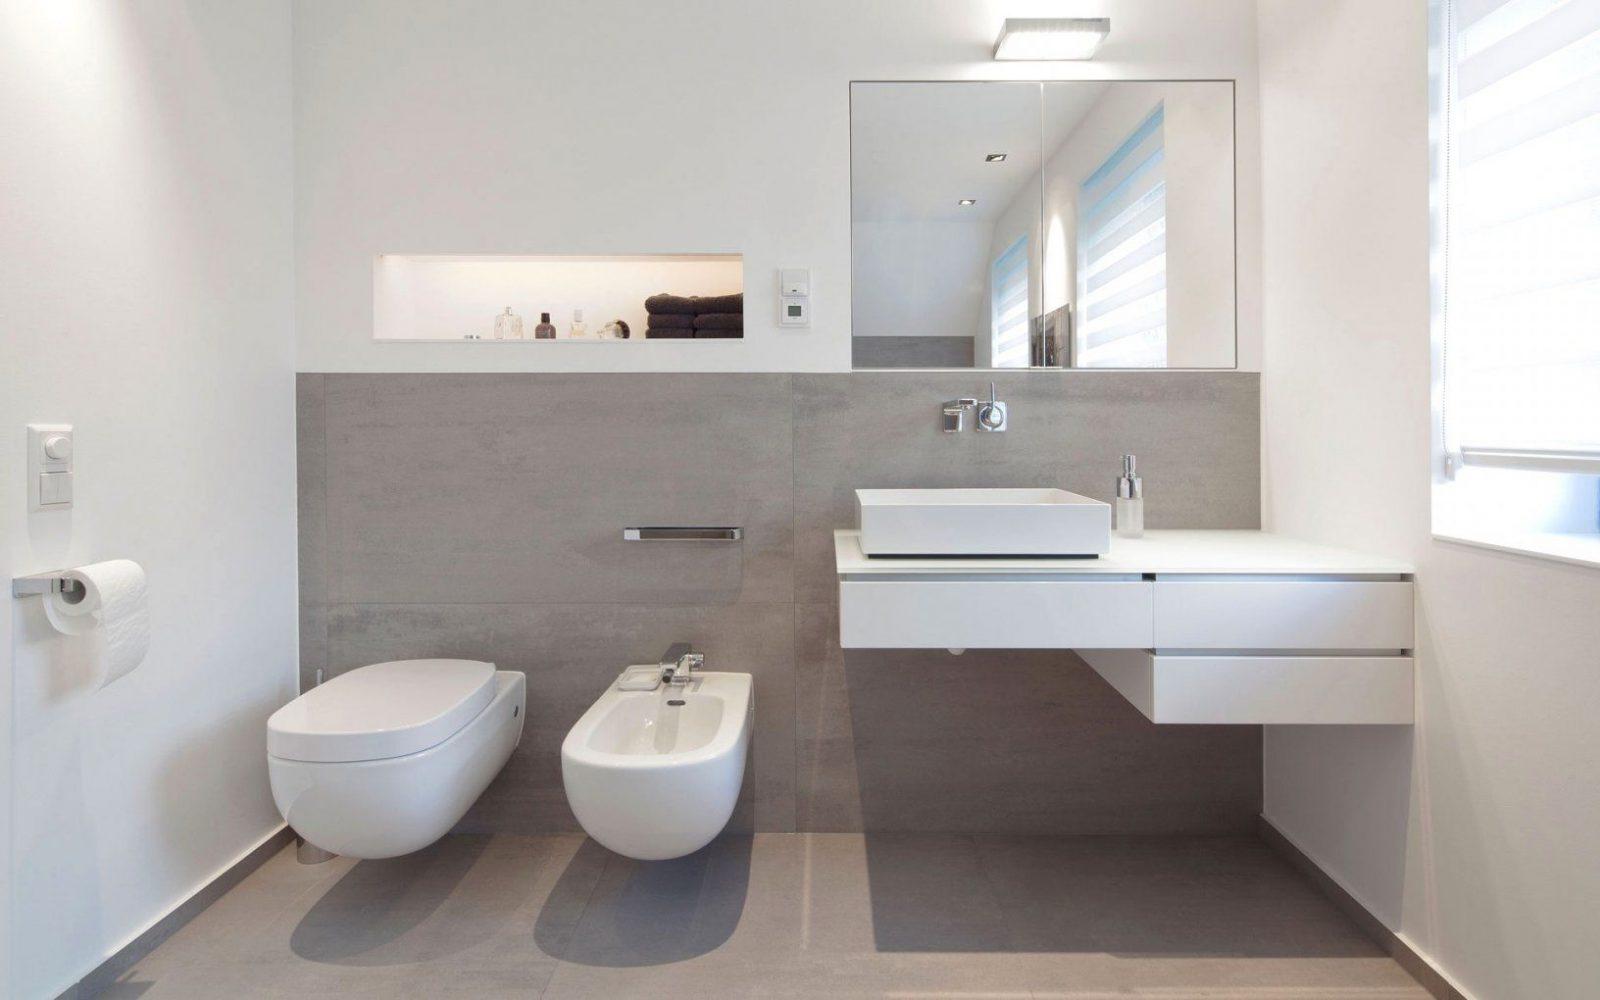 Badezimmer Design Spannend Badezimmer Grau Weiß Design Lieblich von Bad Grau Weiß Gefliest Bild